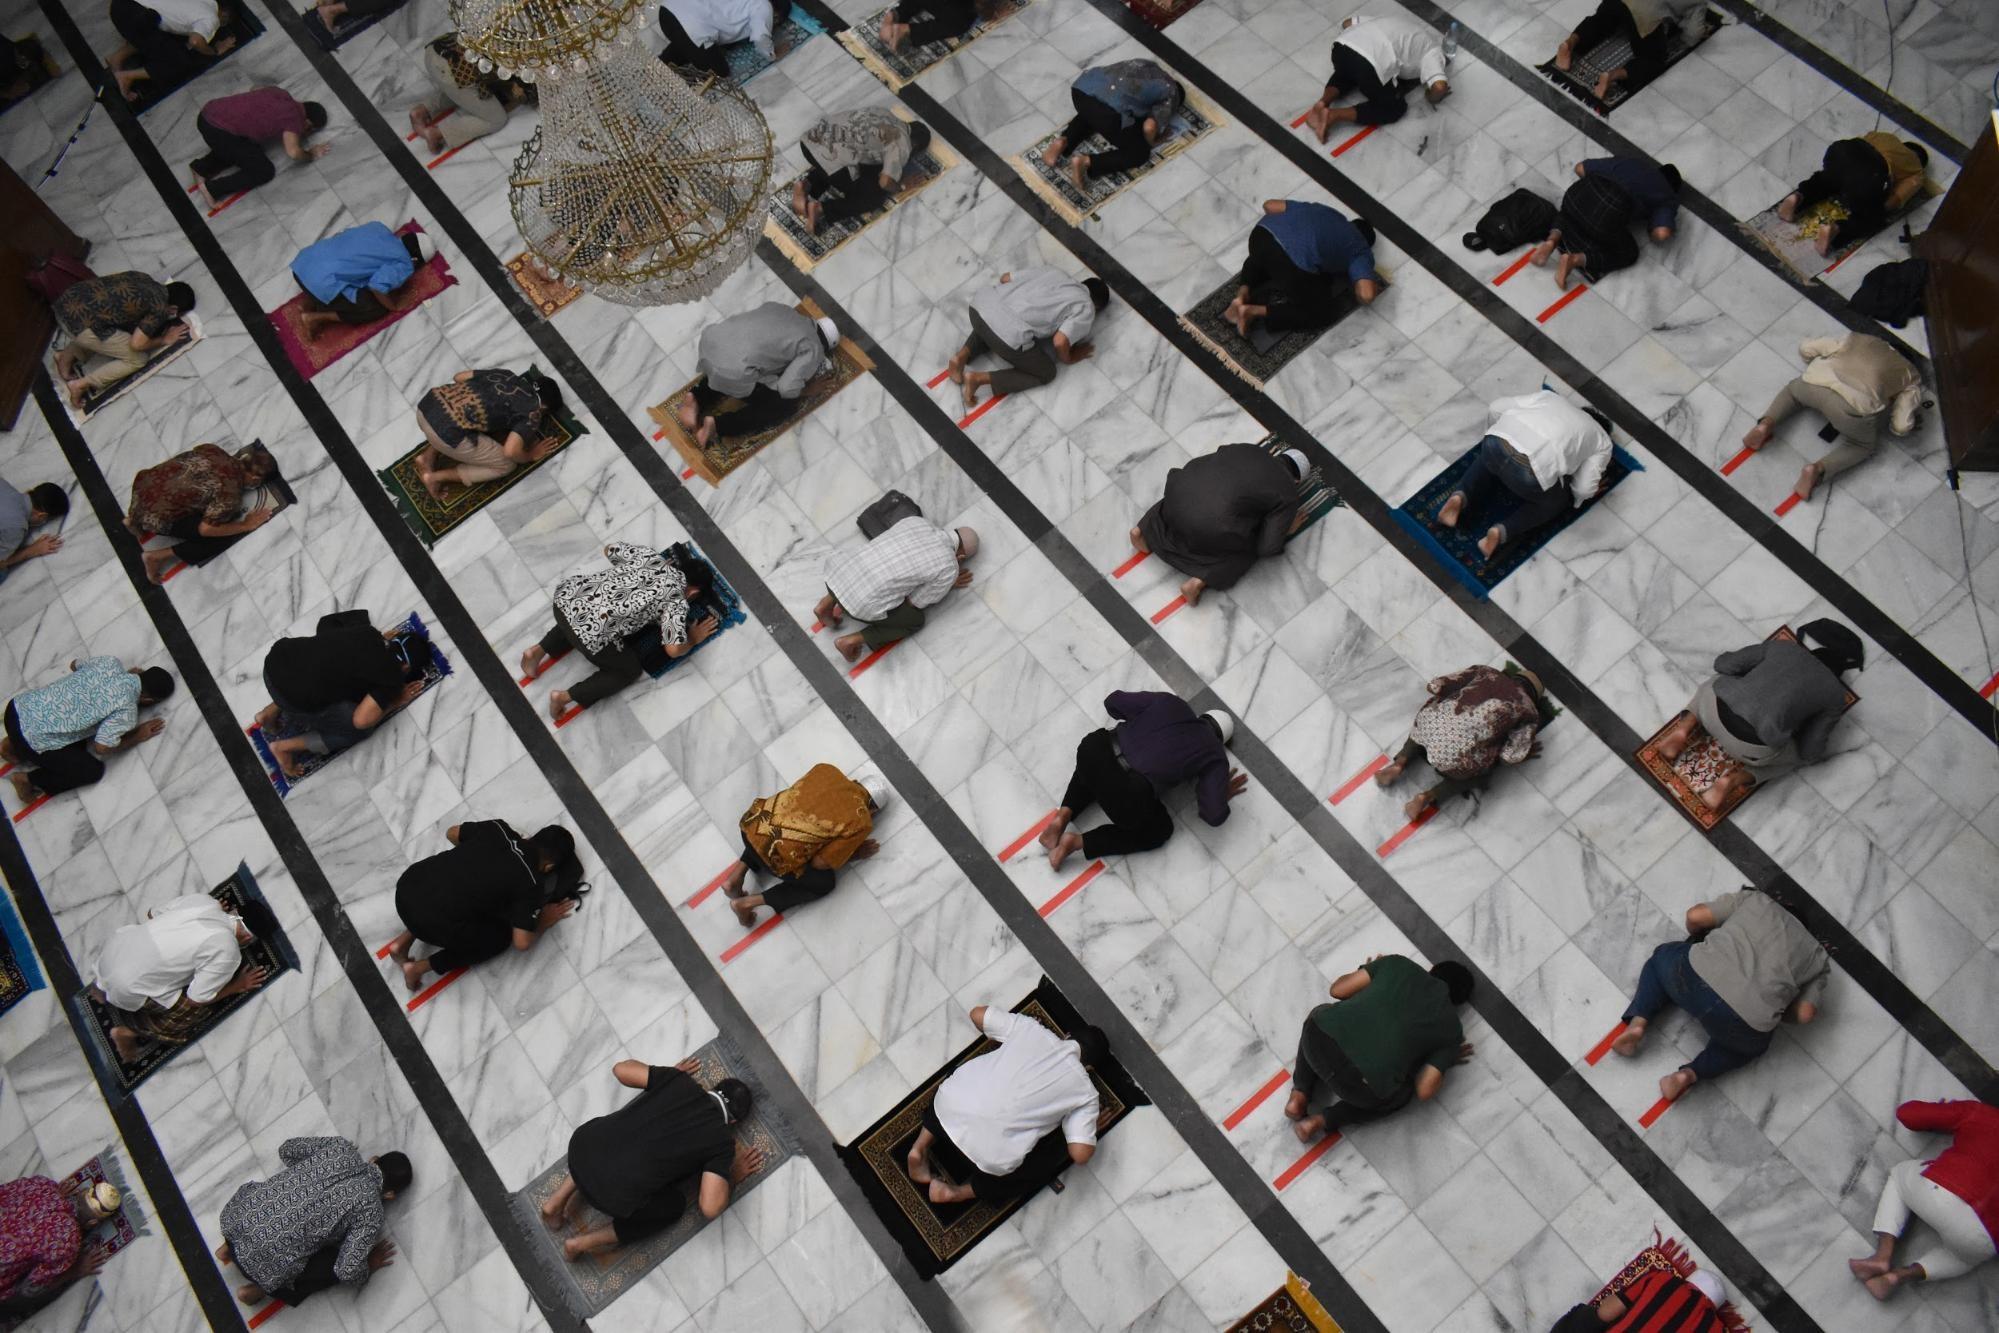 再開されたイスラム教の礼拝所(モスク)で、ソーシャルディスタンスを取って祈るインドネシアの信徒たち。リツキ・アクバル氏が2020年6月、ジャカルタで撮影。